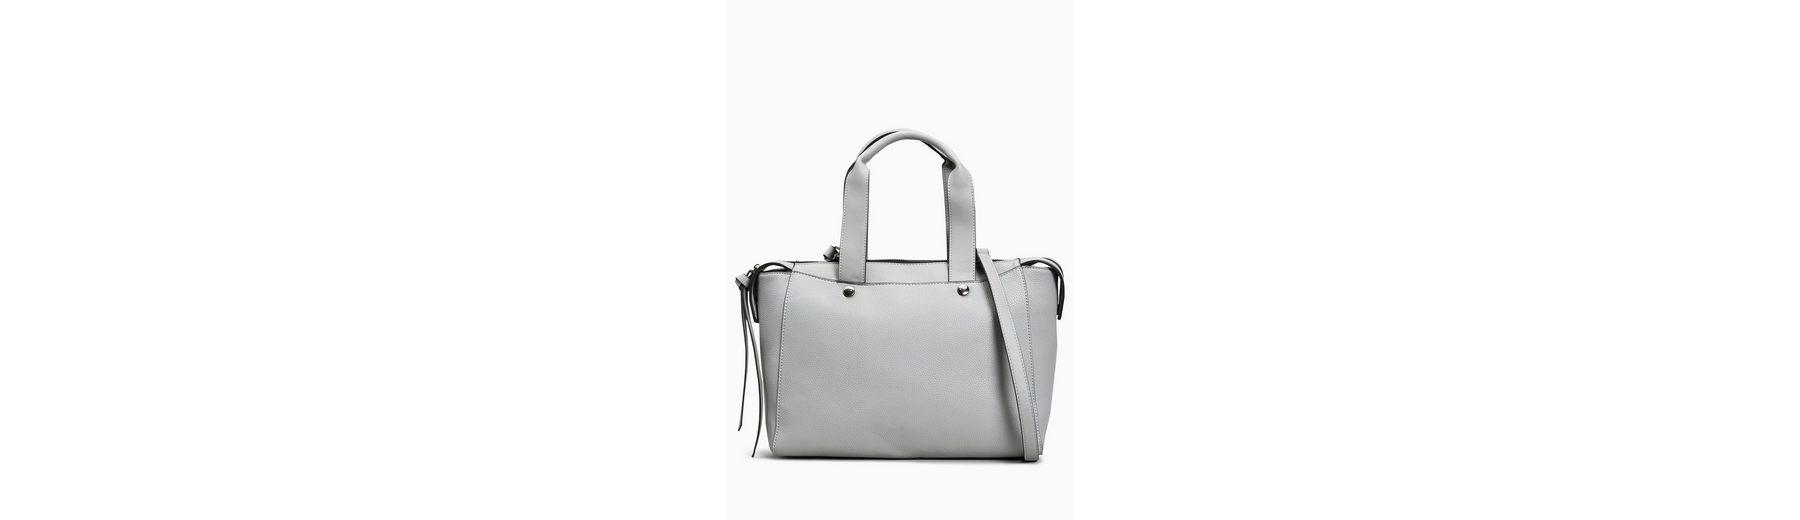 Next Handtasche Shop Für Günstige Online Austritt Aus Deutschland Bestbewertet qLnEN3f7